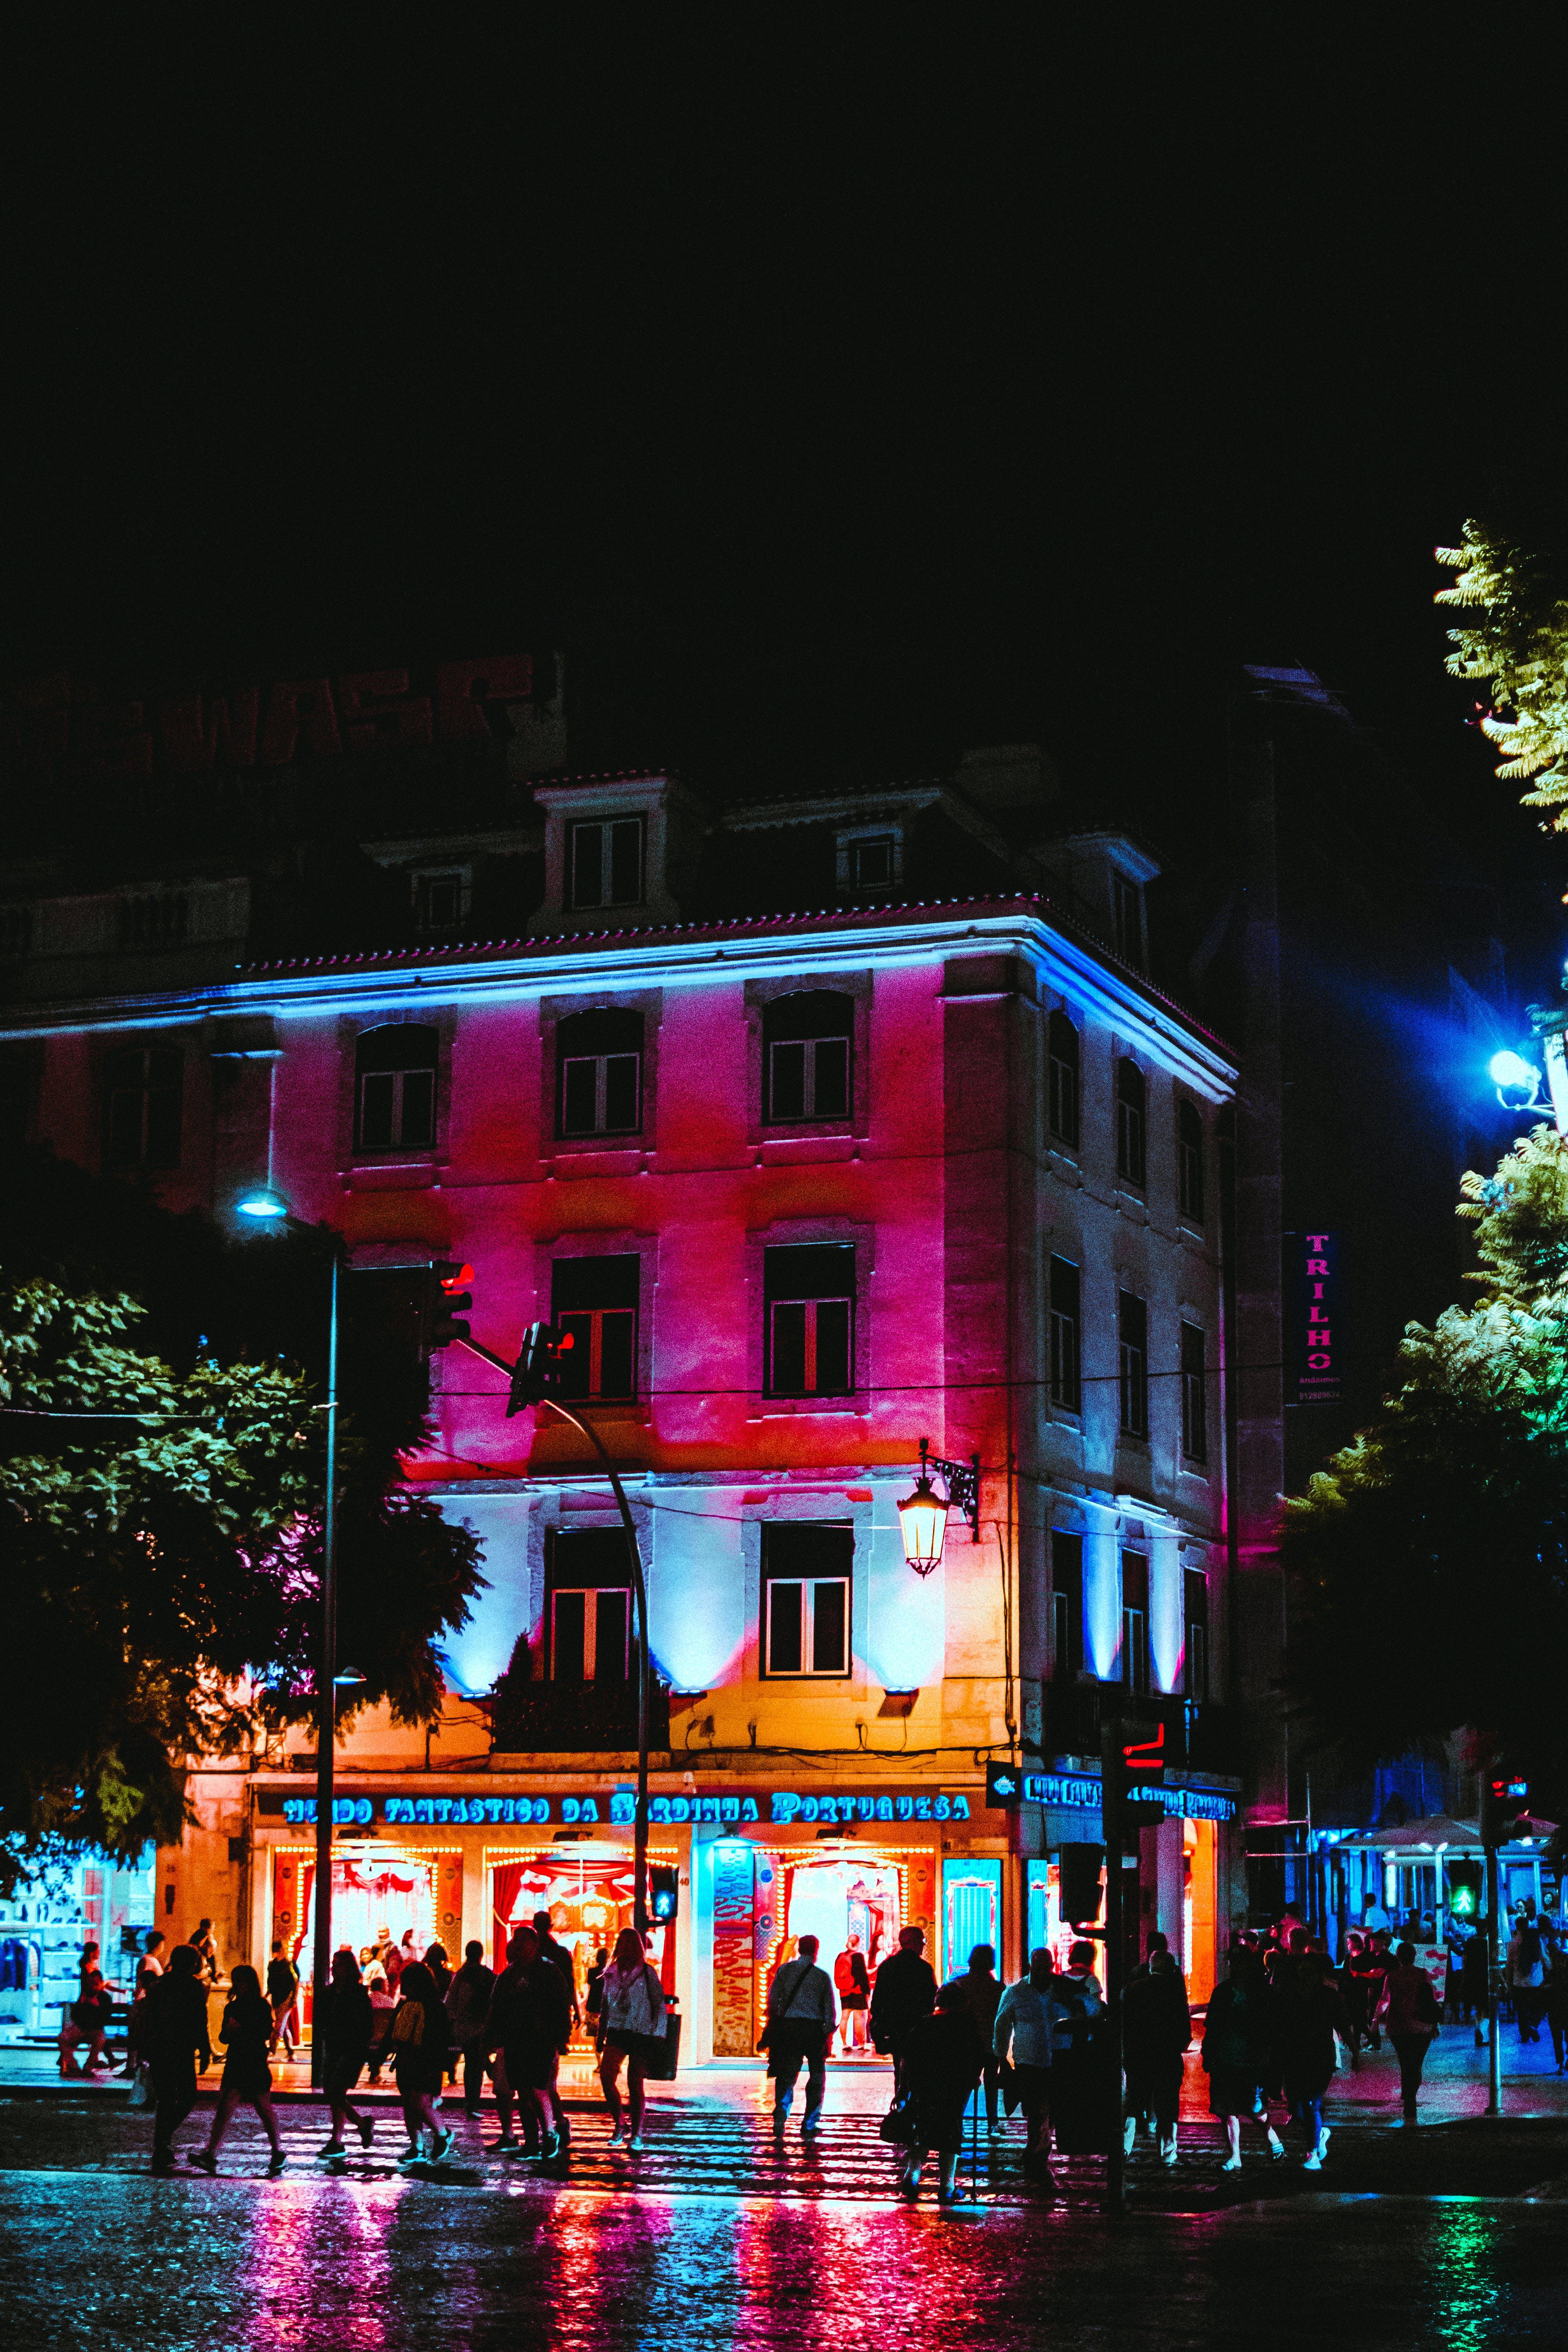 Kostenloses Stock Foto zu abend, architektur, bäume, beleuchtet